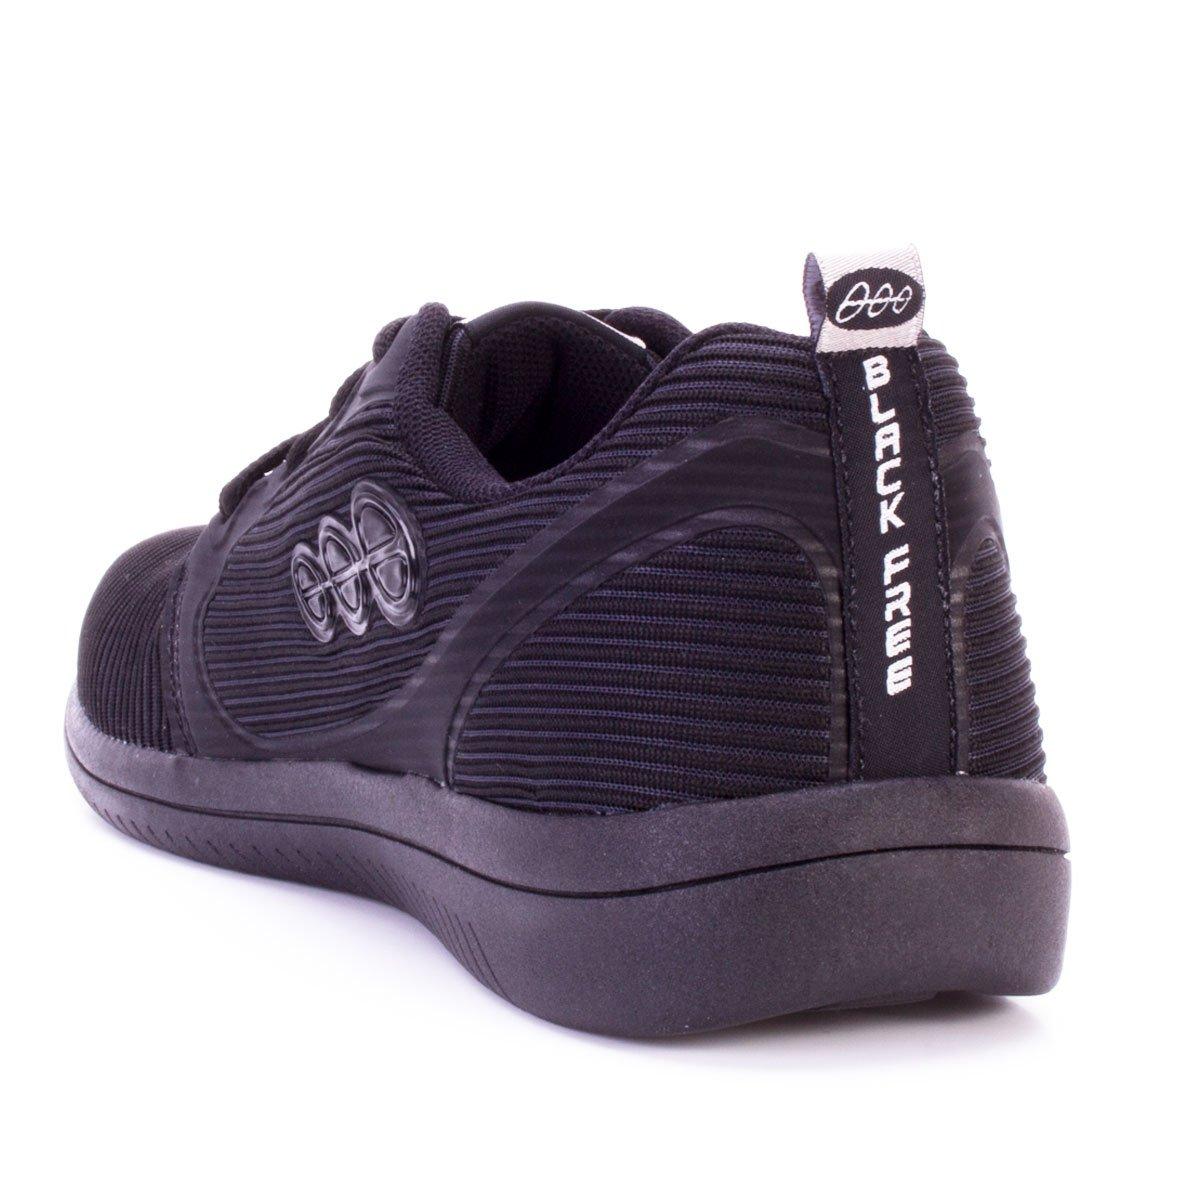 13700 Tênis Free Tênis Black Preto Black wWgvUxznq8